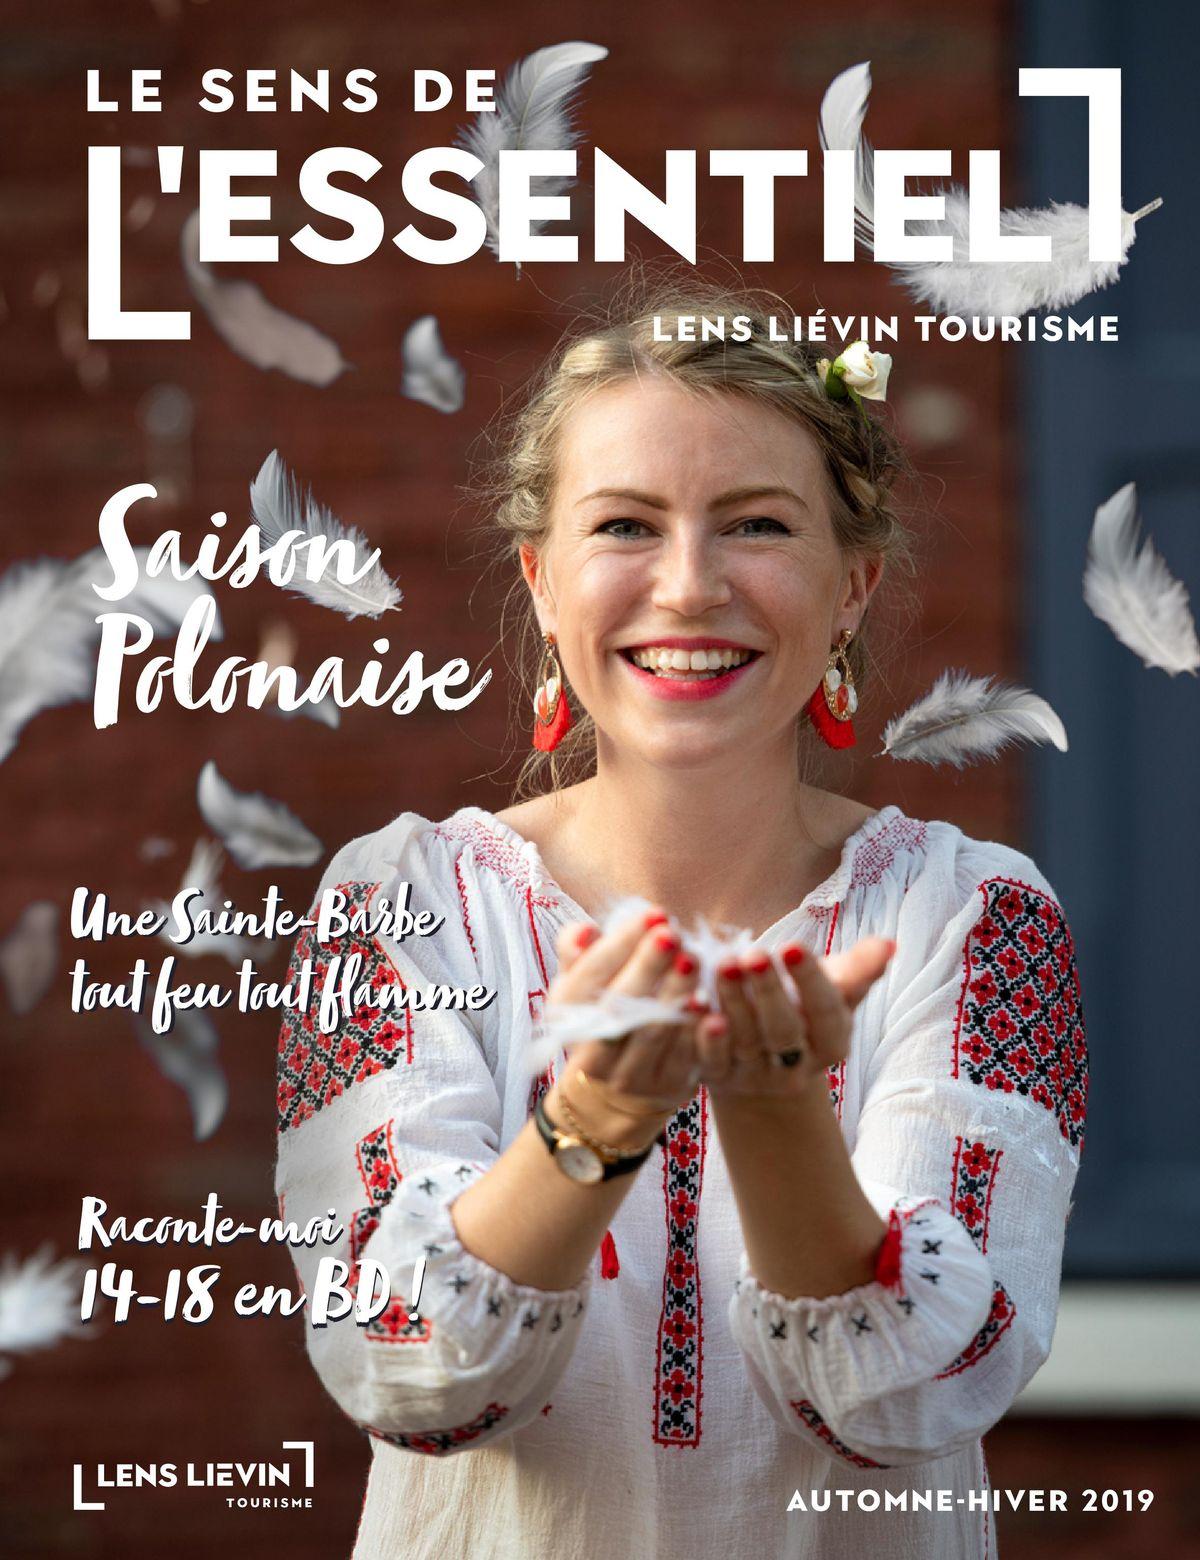 Couverture magazine saison polonaise